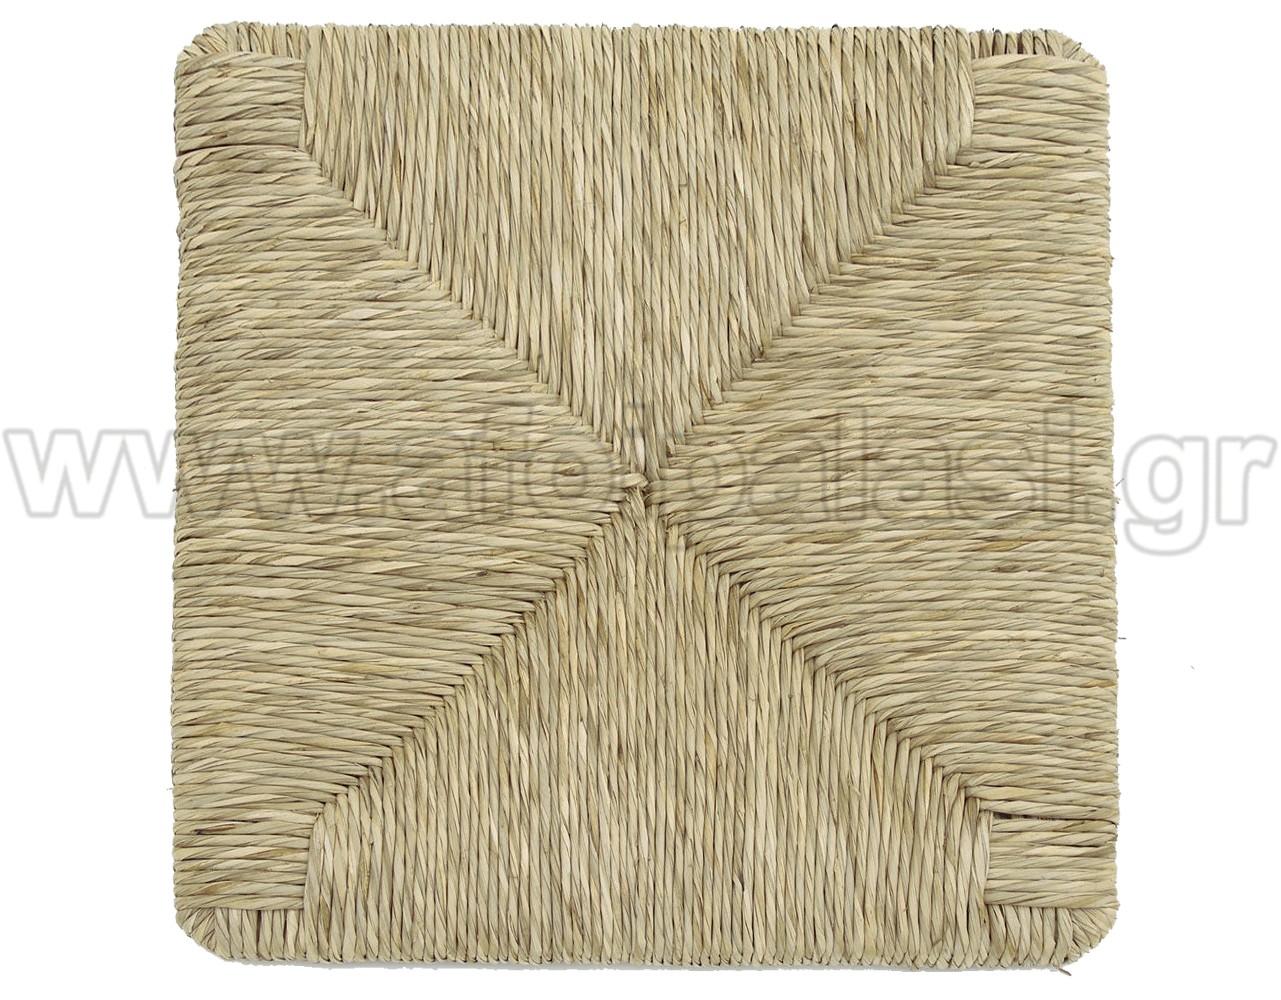 Τετράγωνο κάθισμα τελάρο φυσικής ψάθας 614 σε πράσινη απόχρωση - Διάσταση: 37x37cm